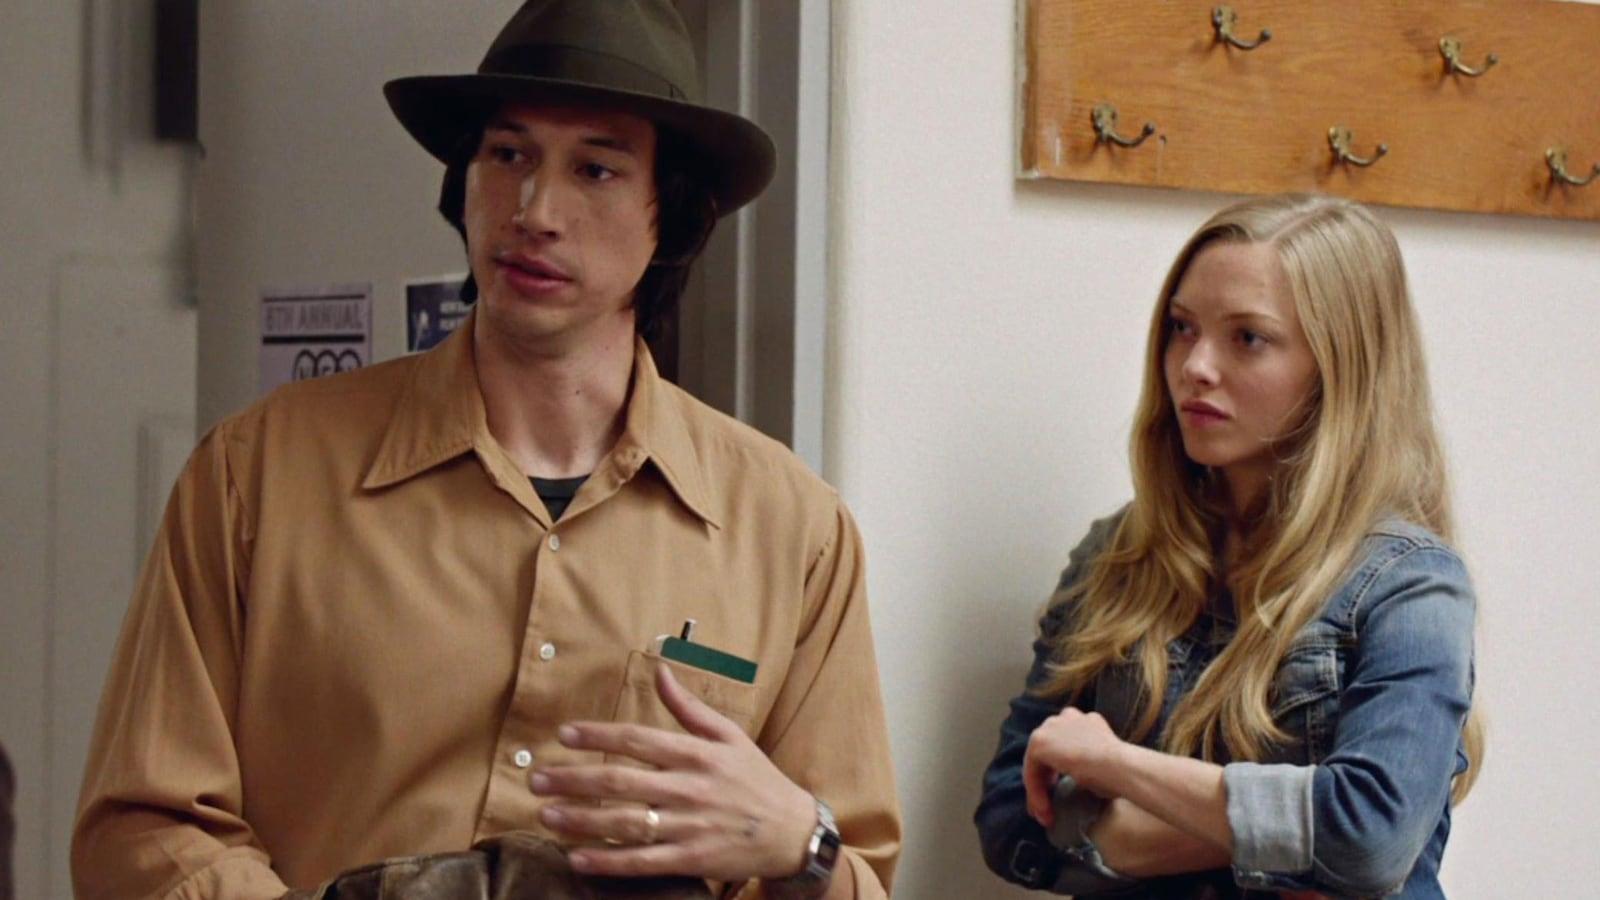 Un homme avec un chapeau (Adam Driver) et une femme (Amanda Seyfried), dans un couloir.